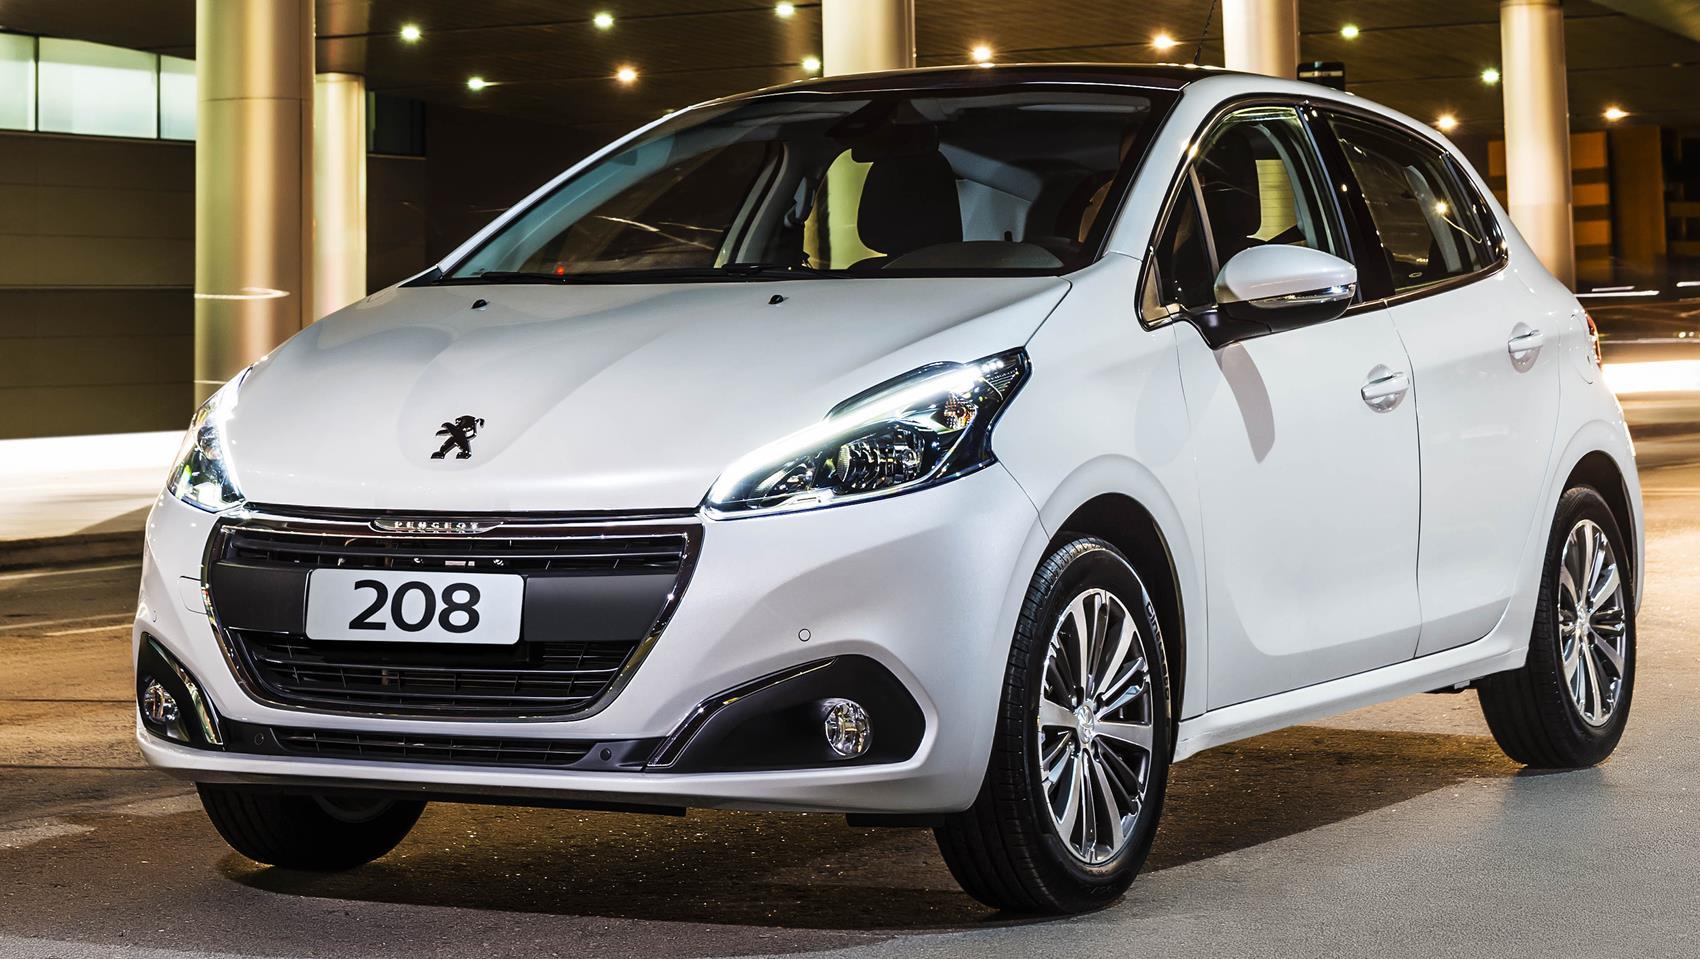 Consumo Peugeot 208 Allure 1.2 2017 - Frente